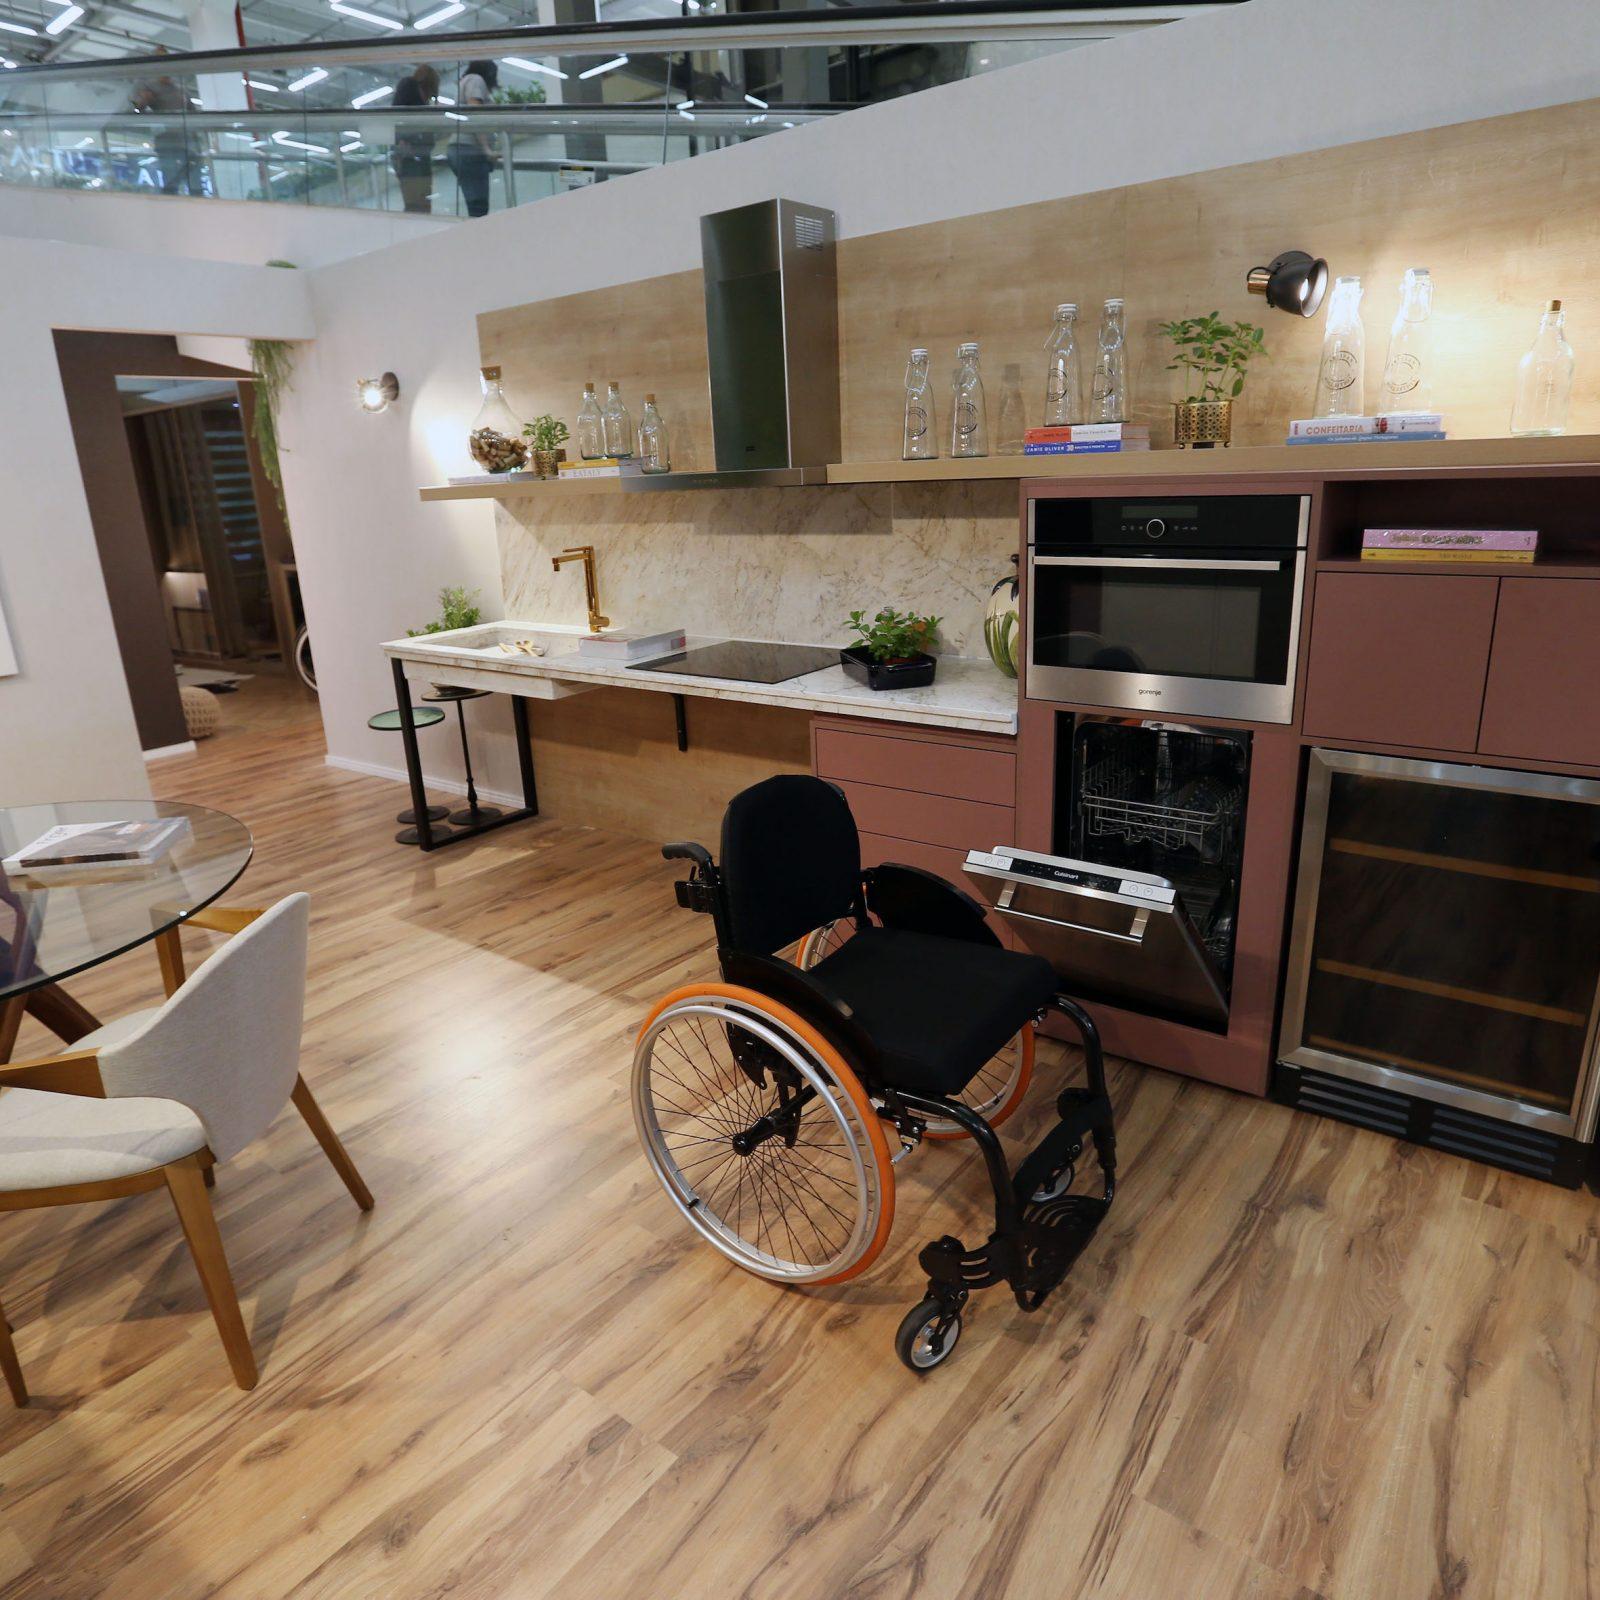 Mostra Lar Center de Arquitetura e Design Universal – Ambiente Cozinha – Profissionais Rita Amorim e Gleice Cappellette